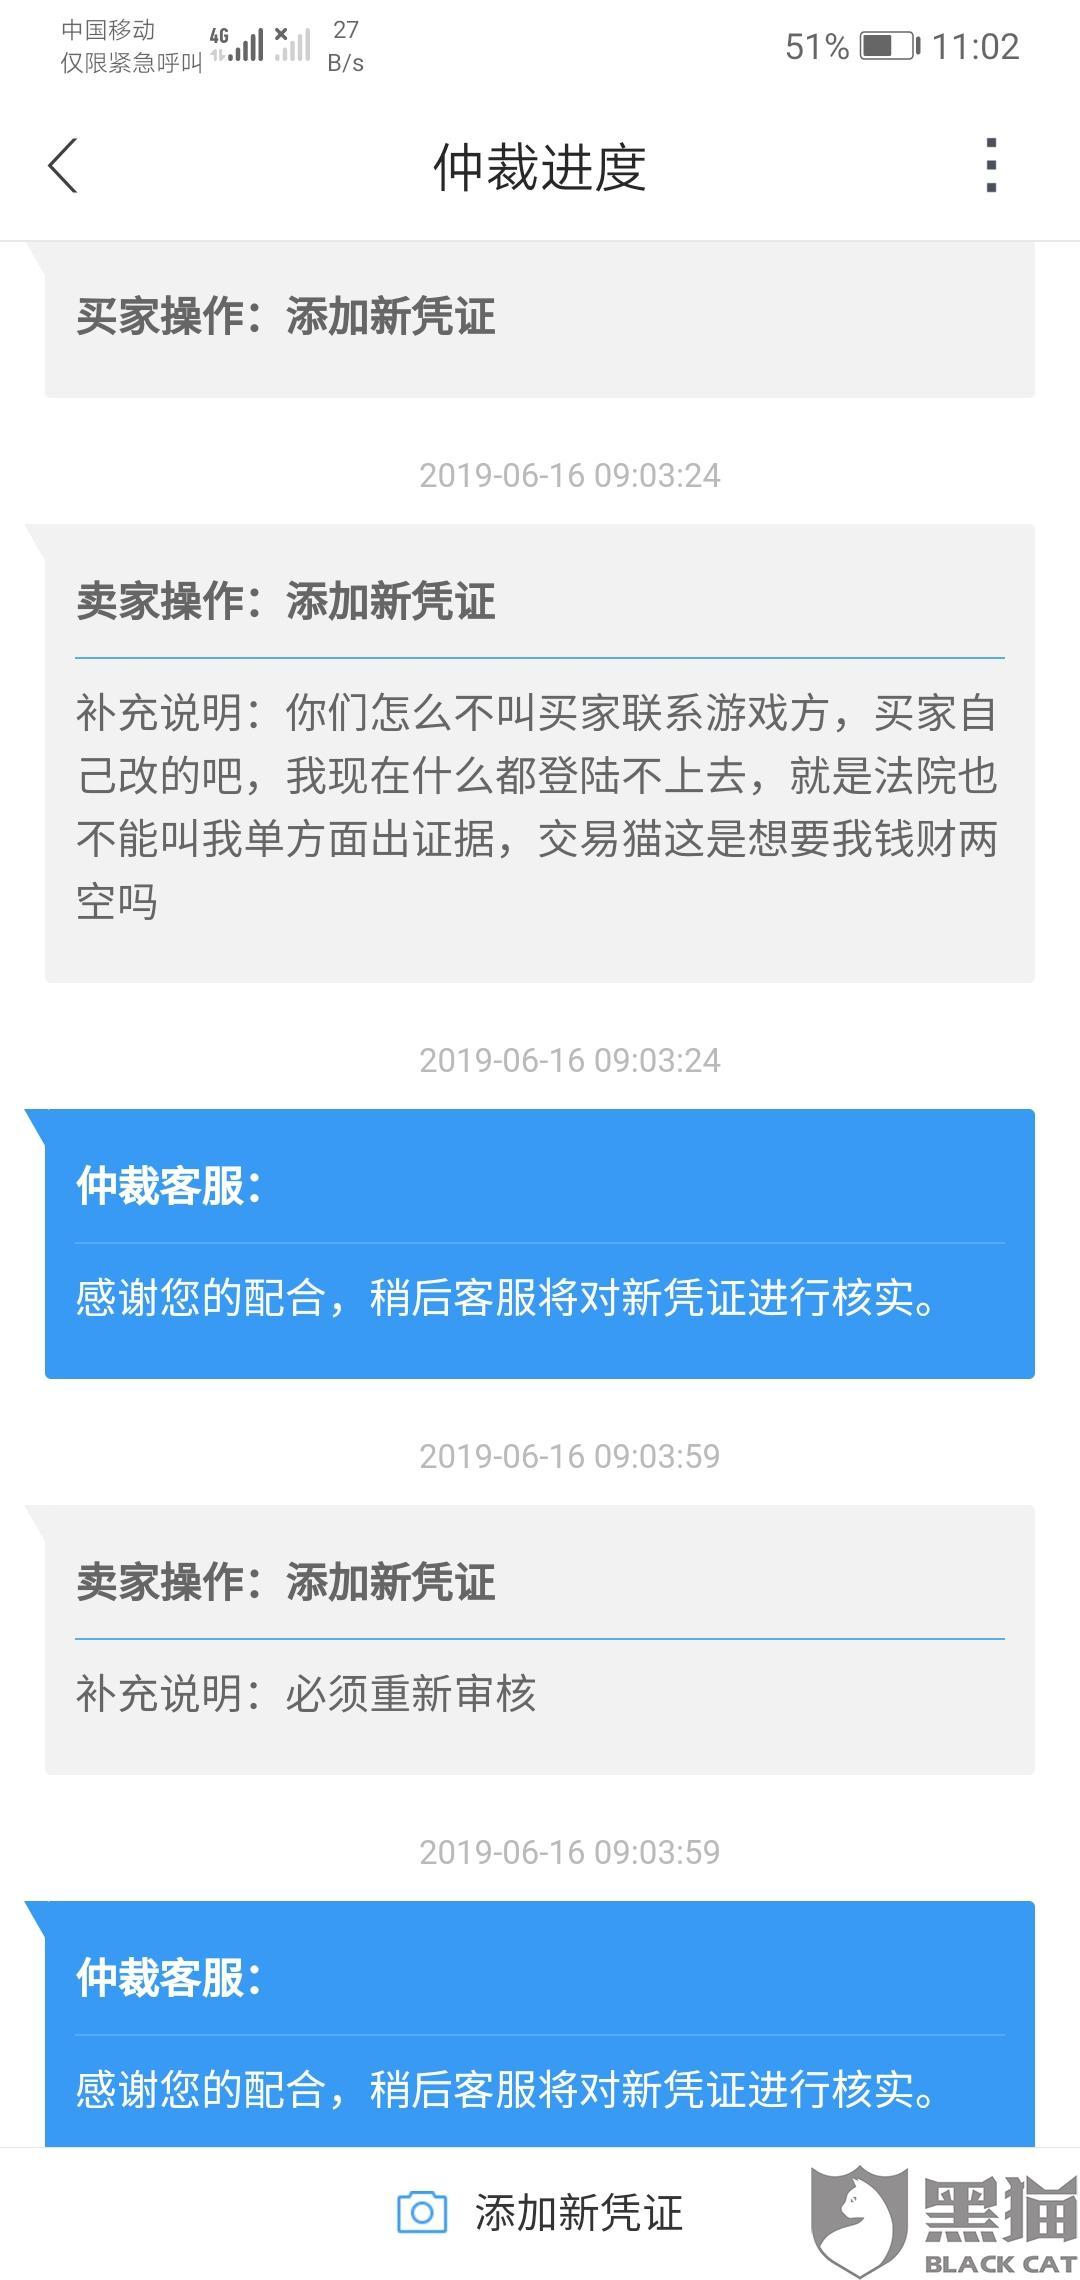 """消费者""""5385628357""""在6月20日神仙道20服月落星沉向黑猫投诉平台反映:""""交易猫出售微信游戏账号3天后"""